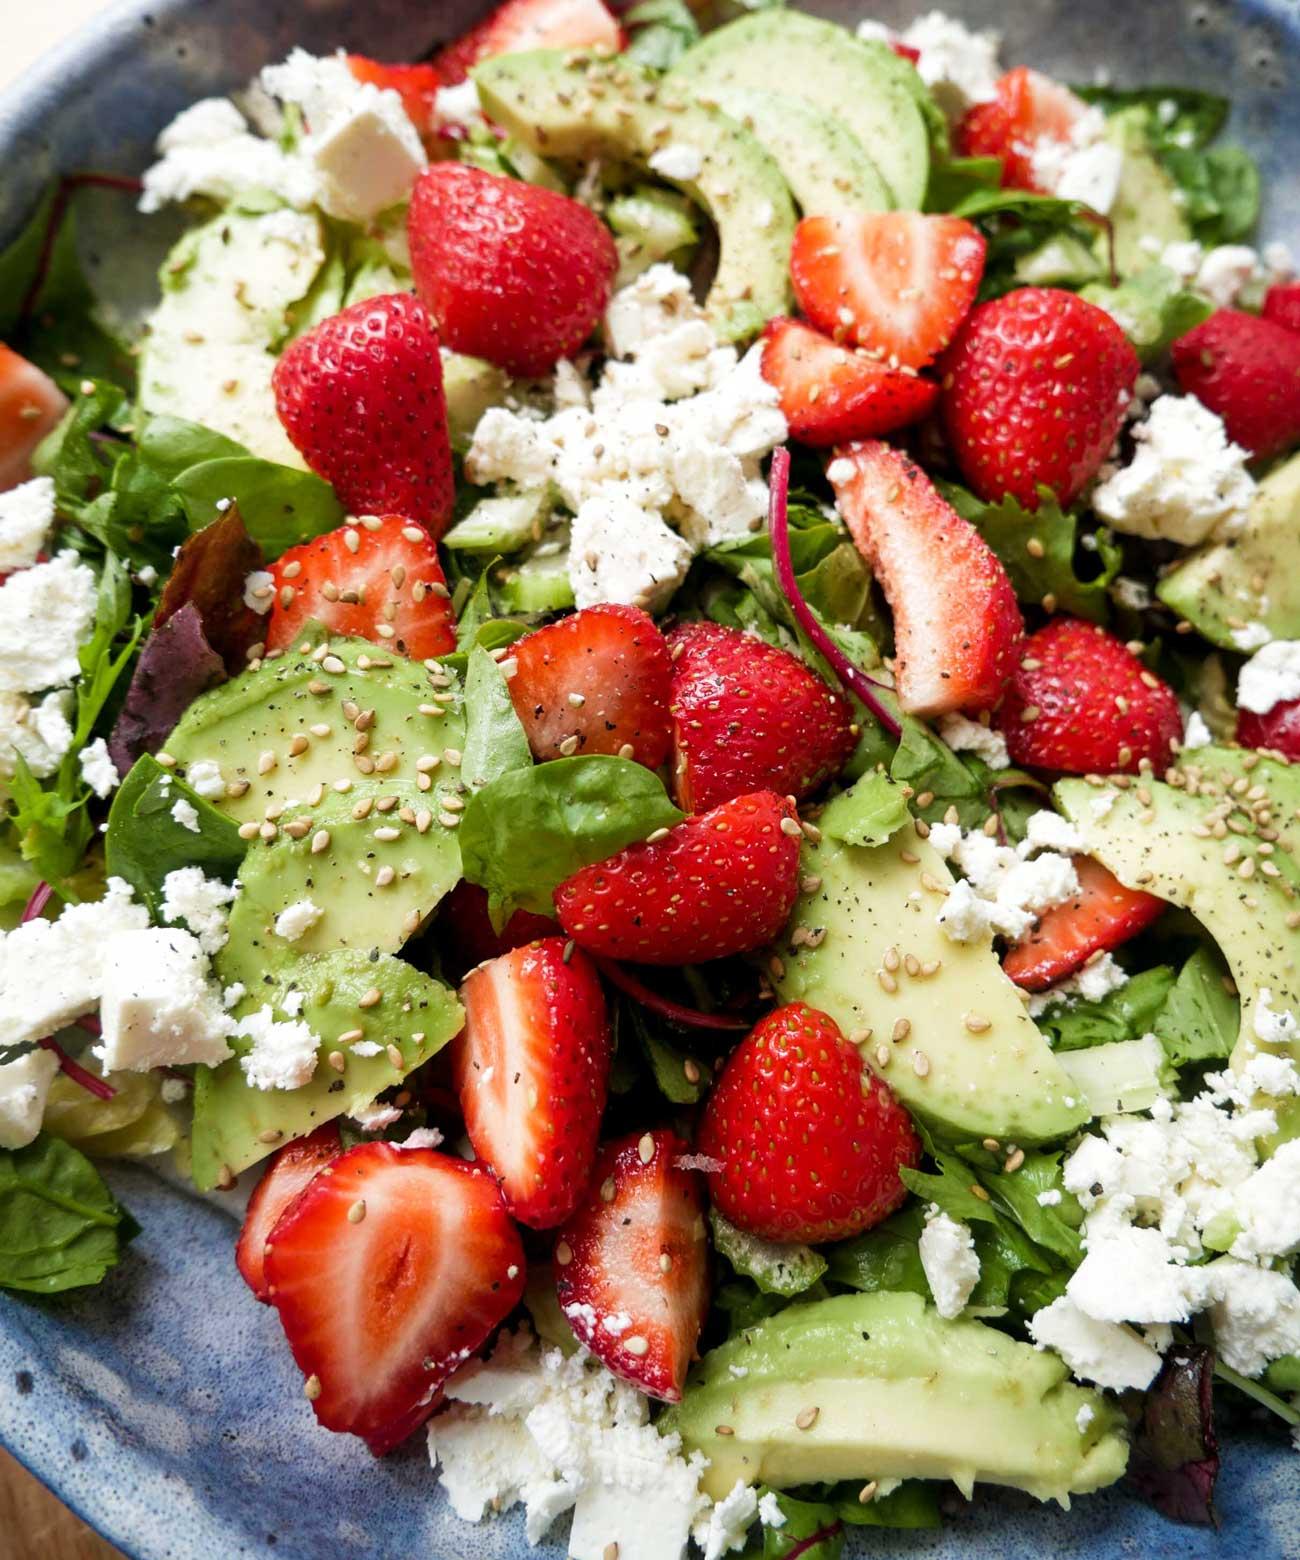 nem opskrift på salat med jordbær